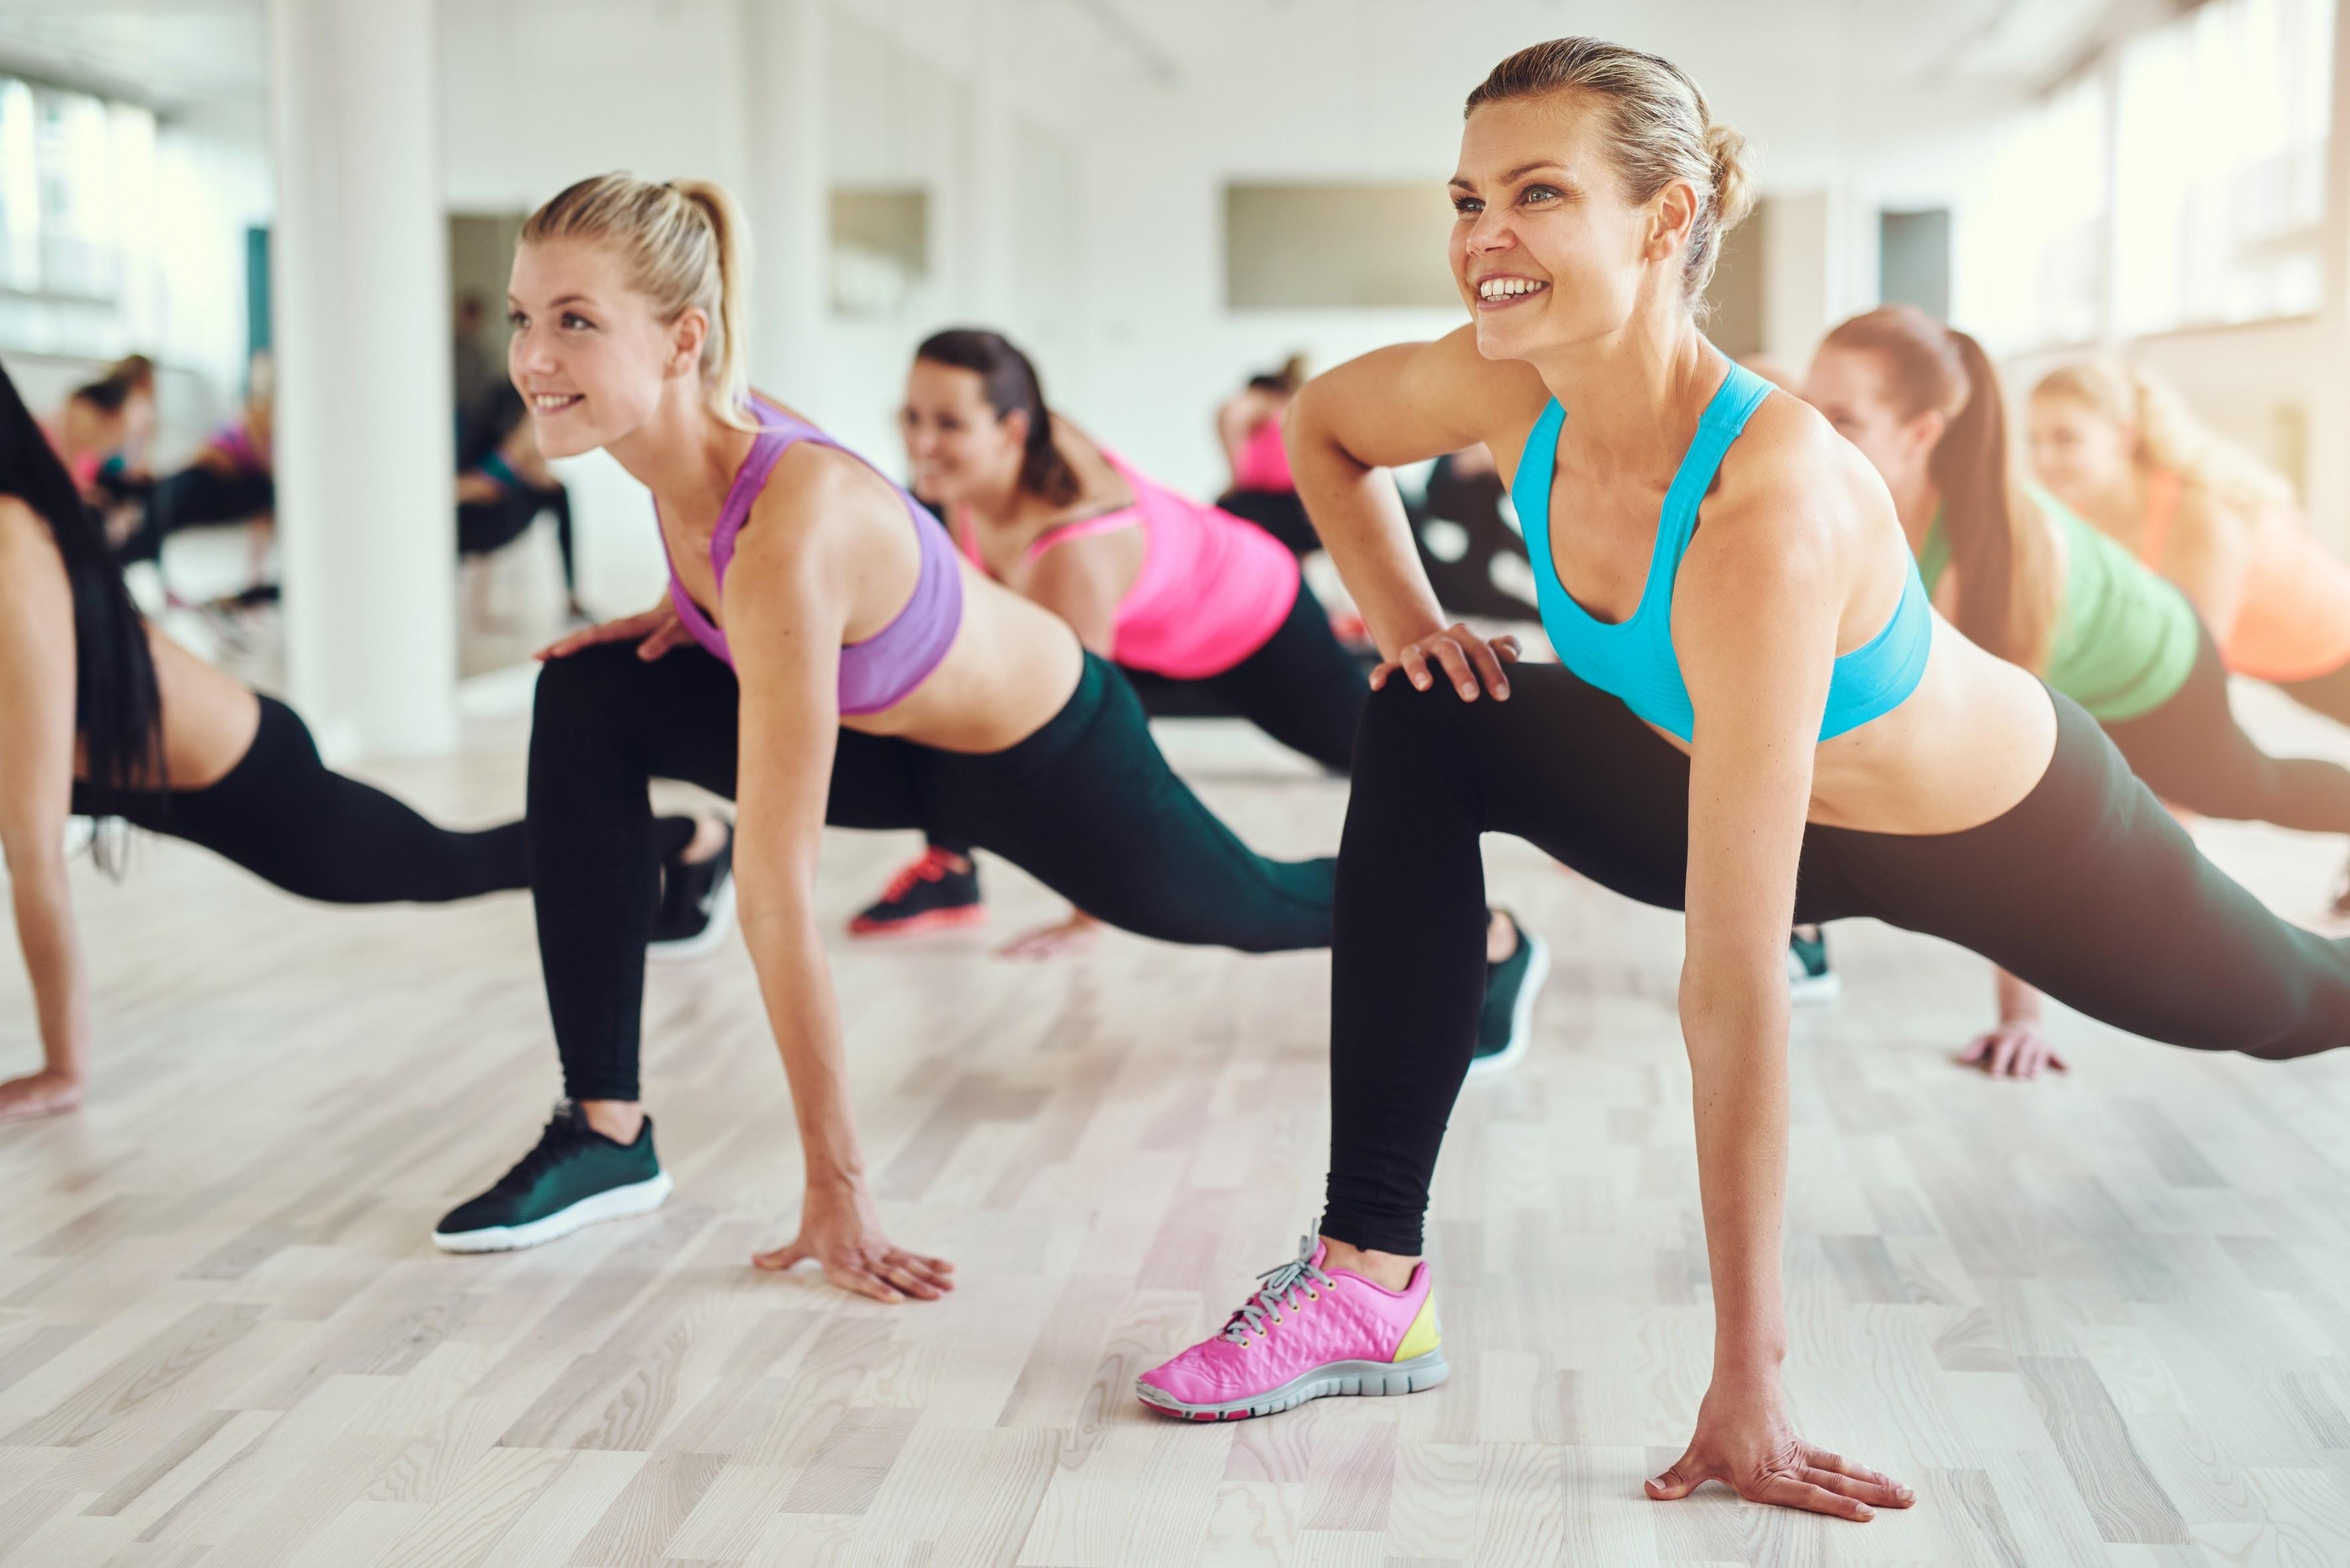 5 крутых и нескучных фитнес-направлений, которые заставят тебя сбросить вес